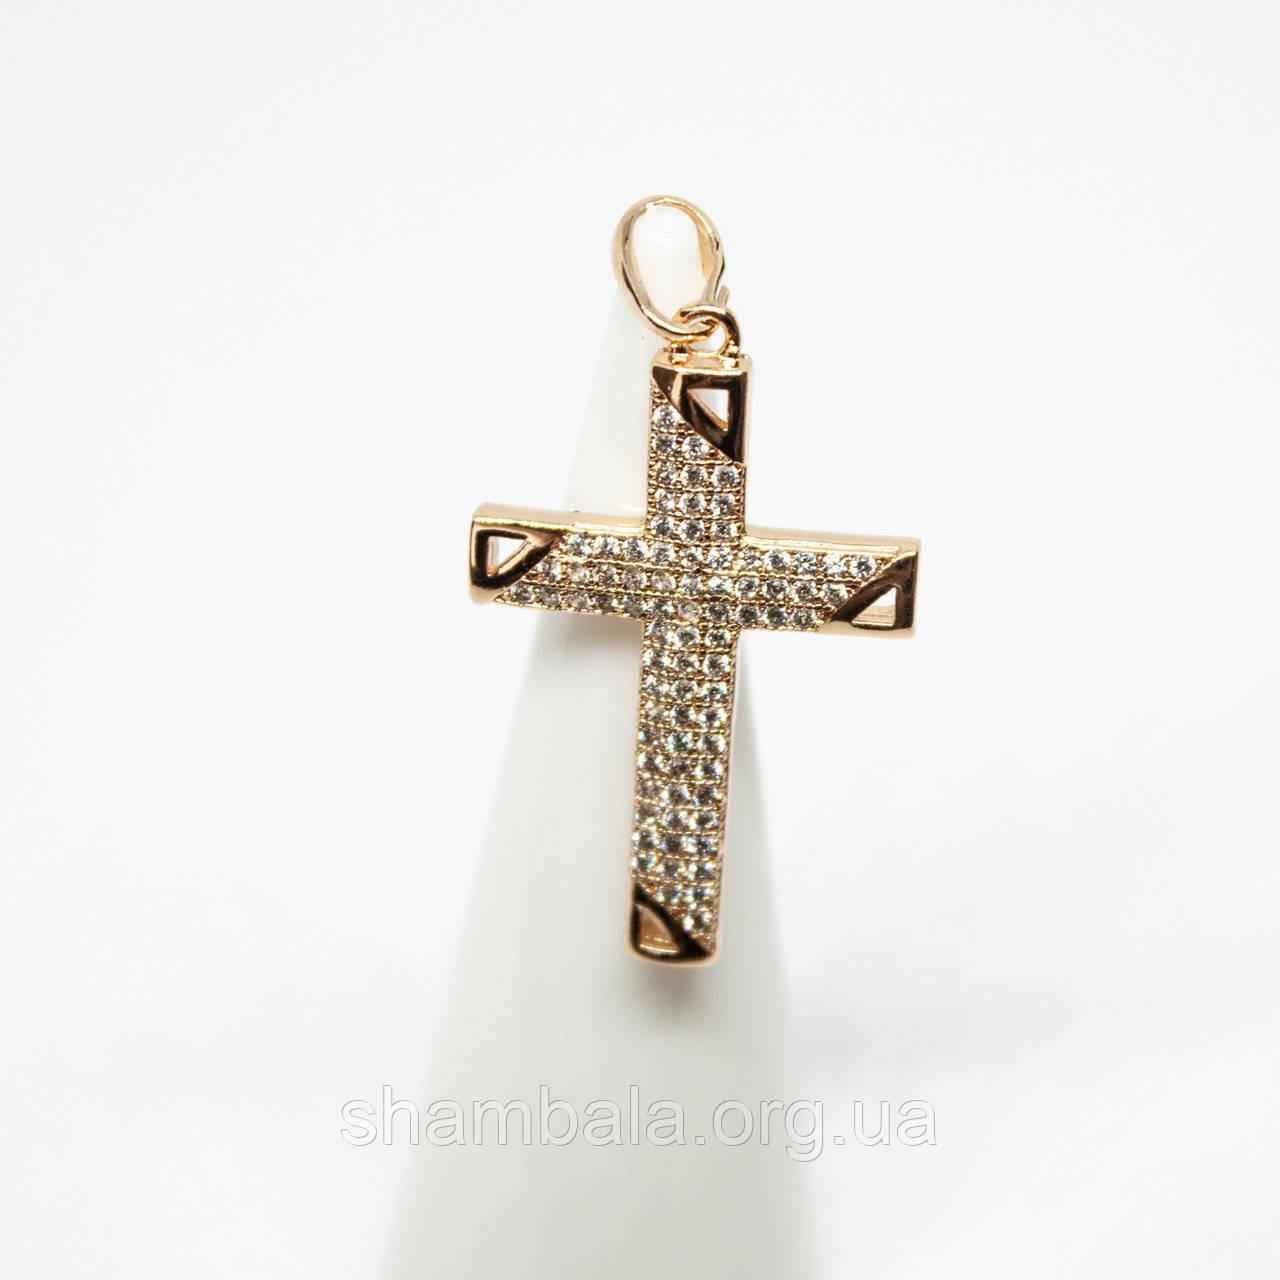 """Кулон для подвески Xuping Jewelry """"Golden cross"""" позолота  (74269)"""